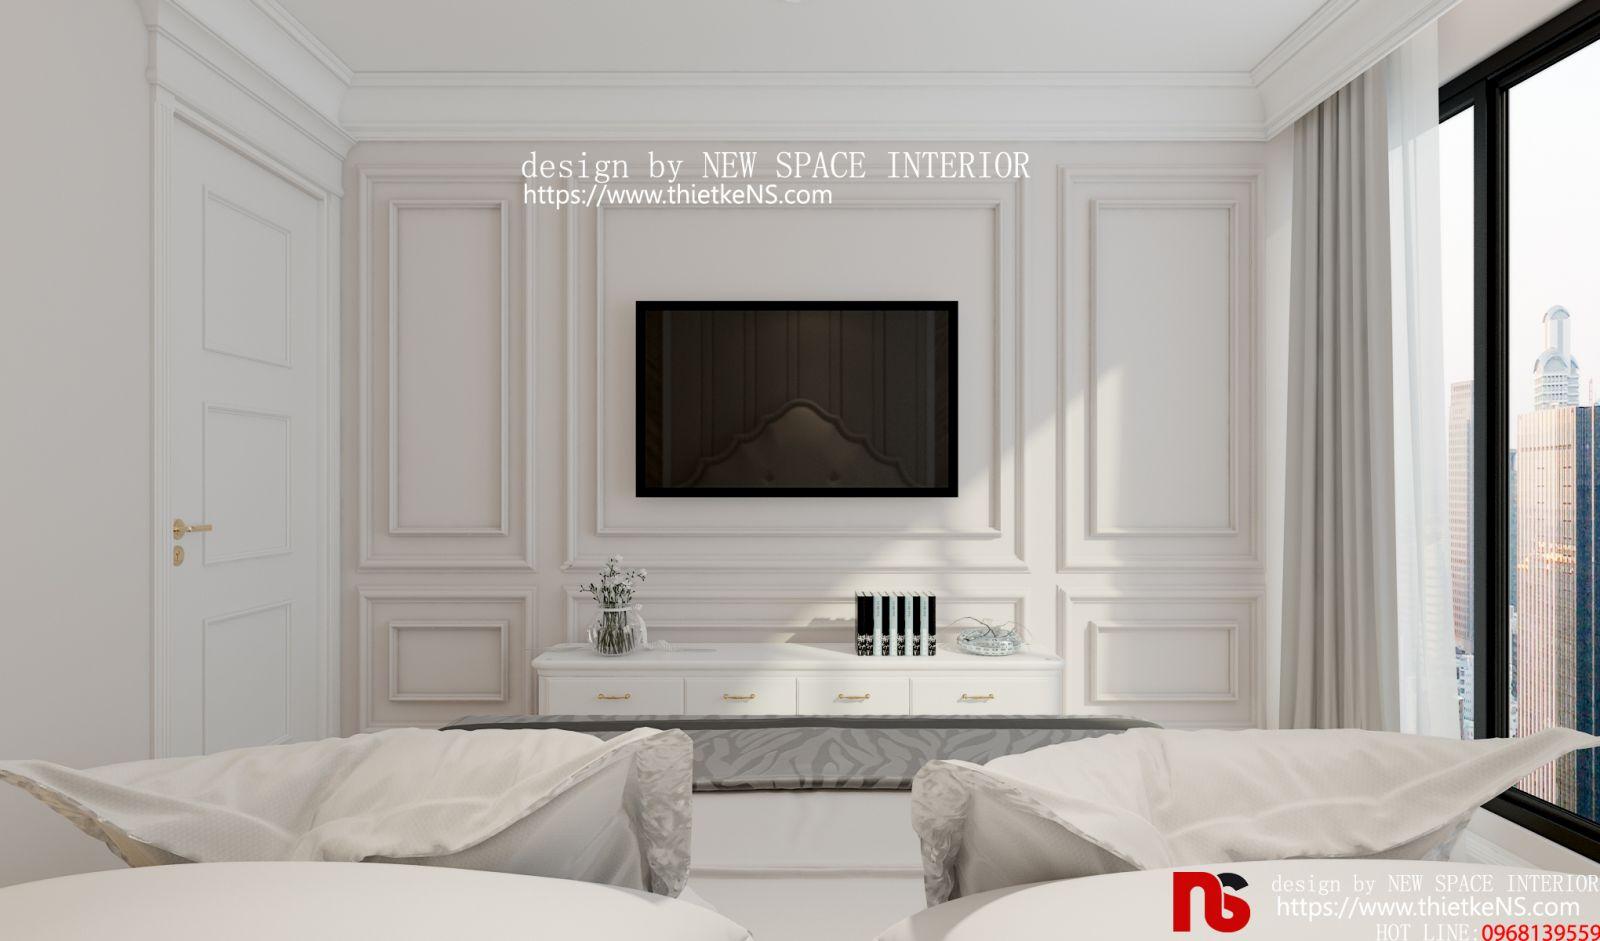 Thiết kế nội thất chung cư khu vực phòng ngủ tại chung cưGoldSeason 01